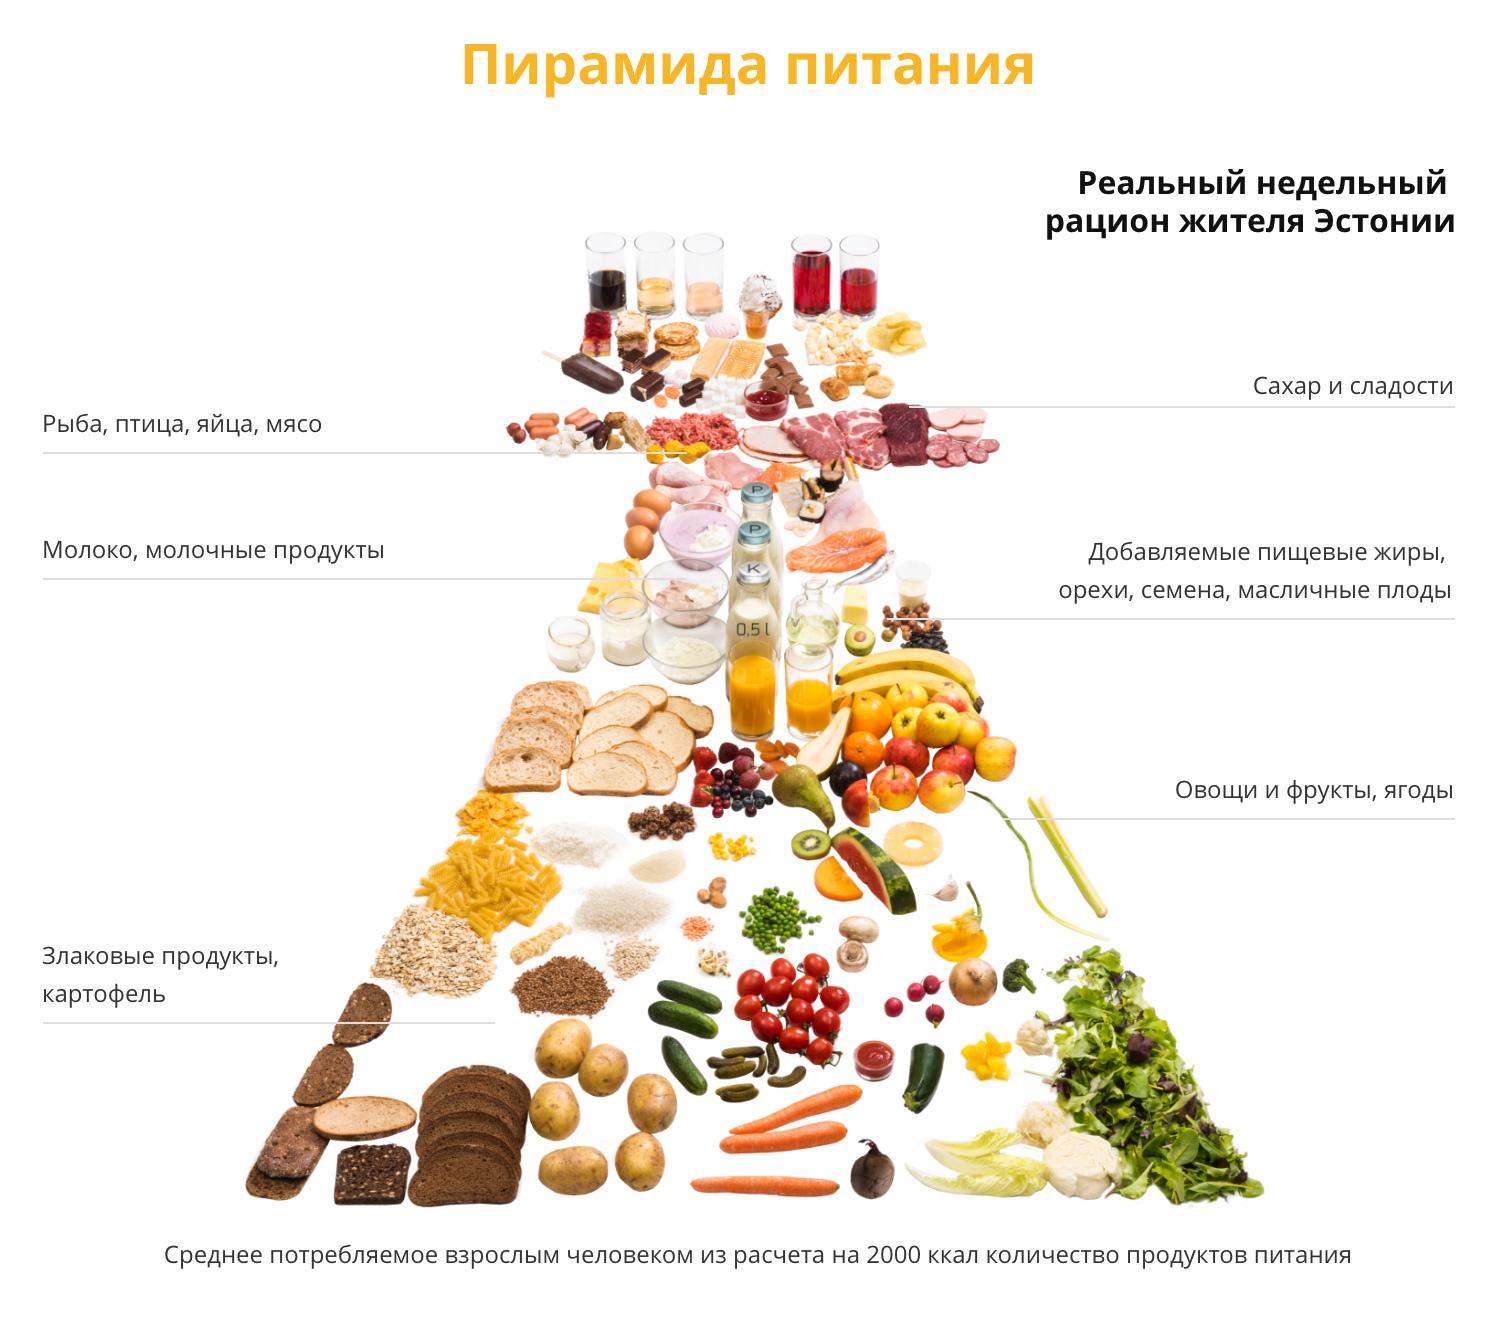 Рациональное питание – что это такое, польза и проблемы, принципы и нормы, пирамида